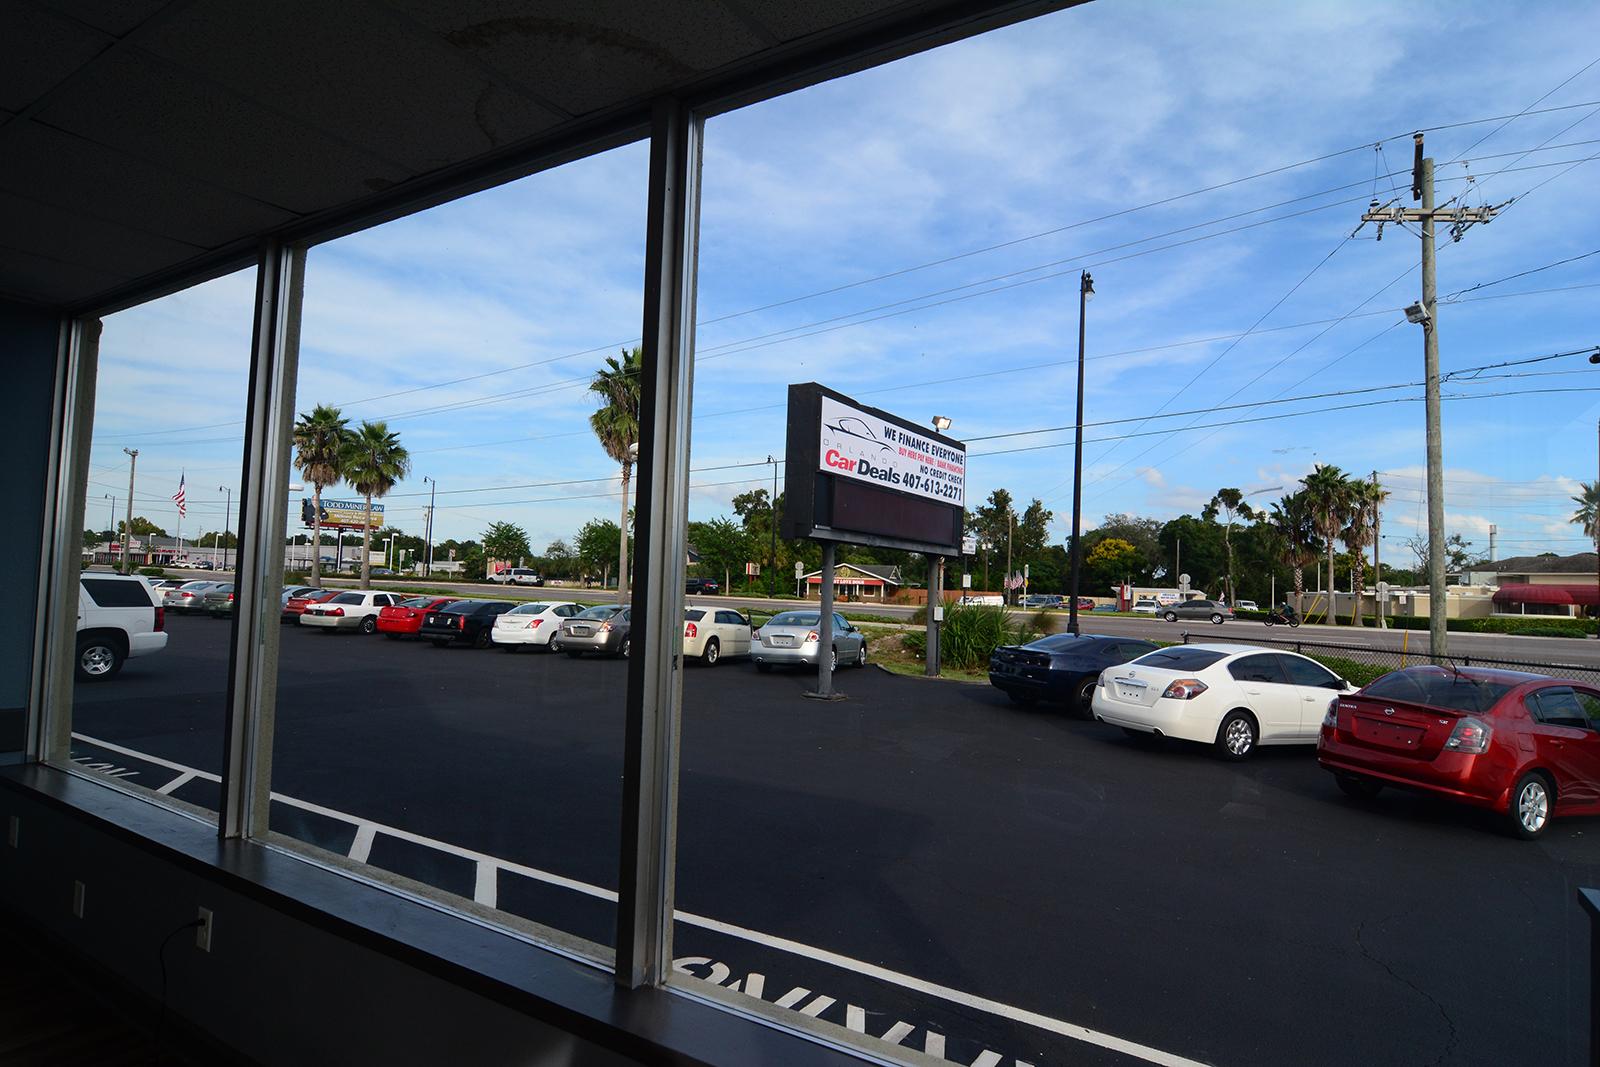 Orlando Car Deals image 98